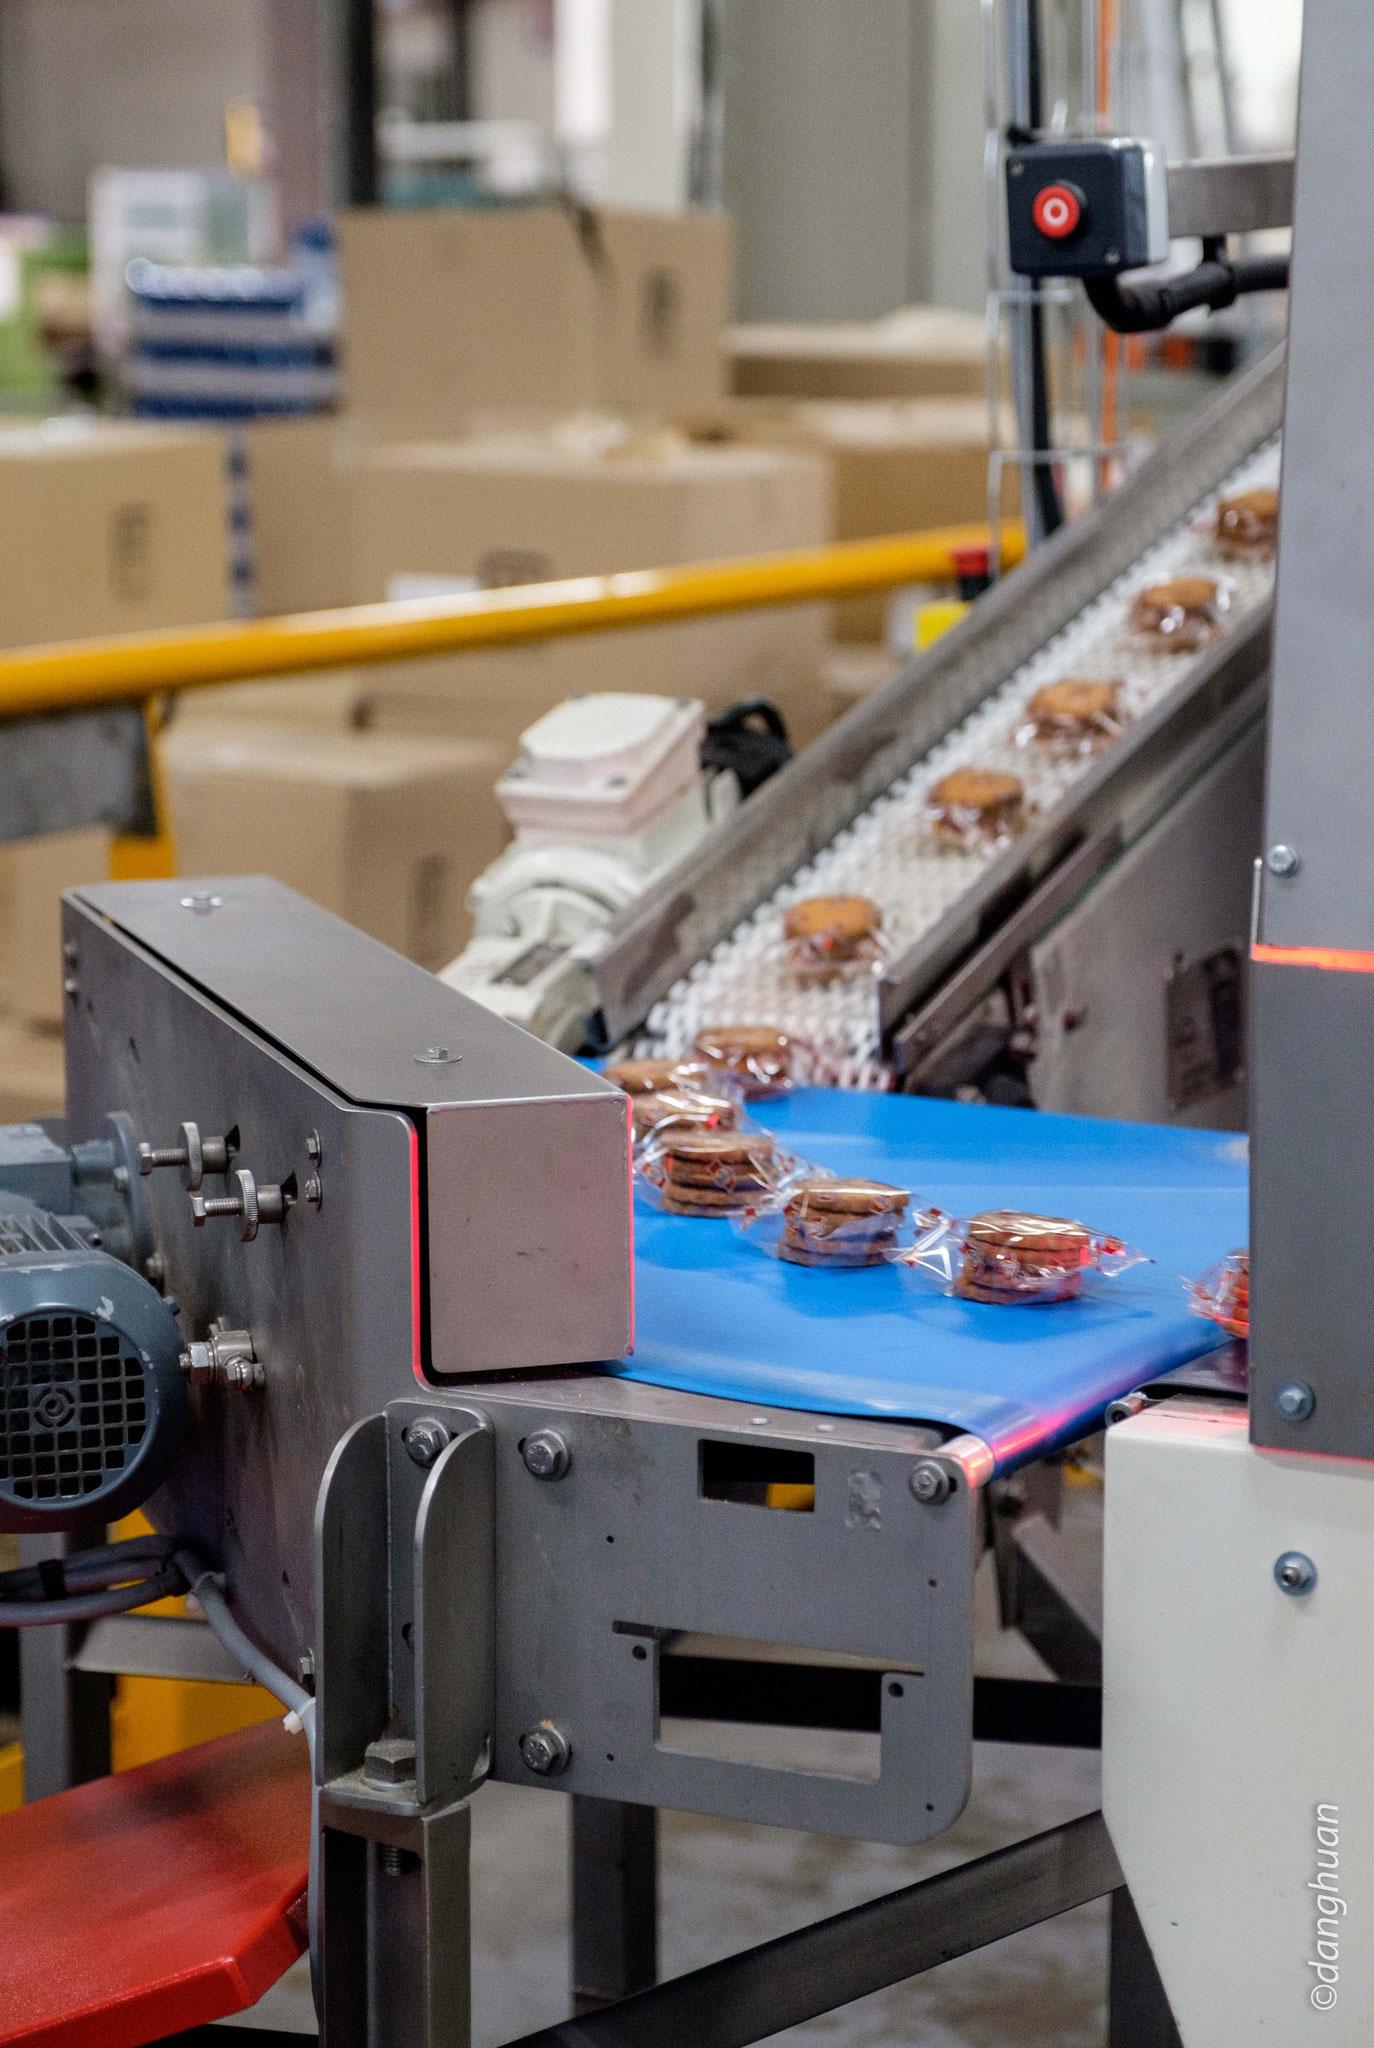 les biscuits sont mis en sachet et acheminés vers la mise en boîte ou en alvéole